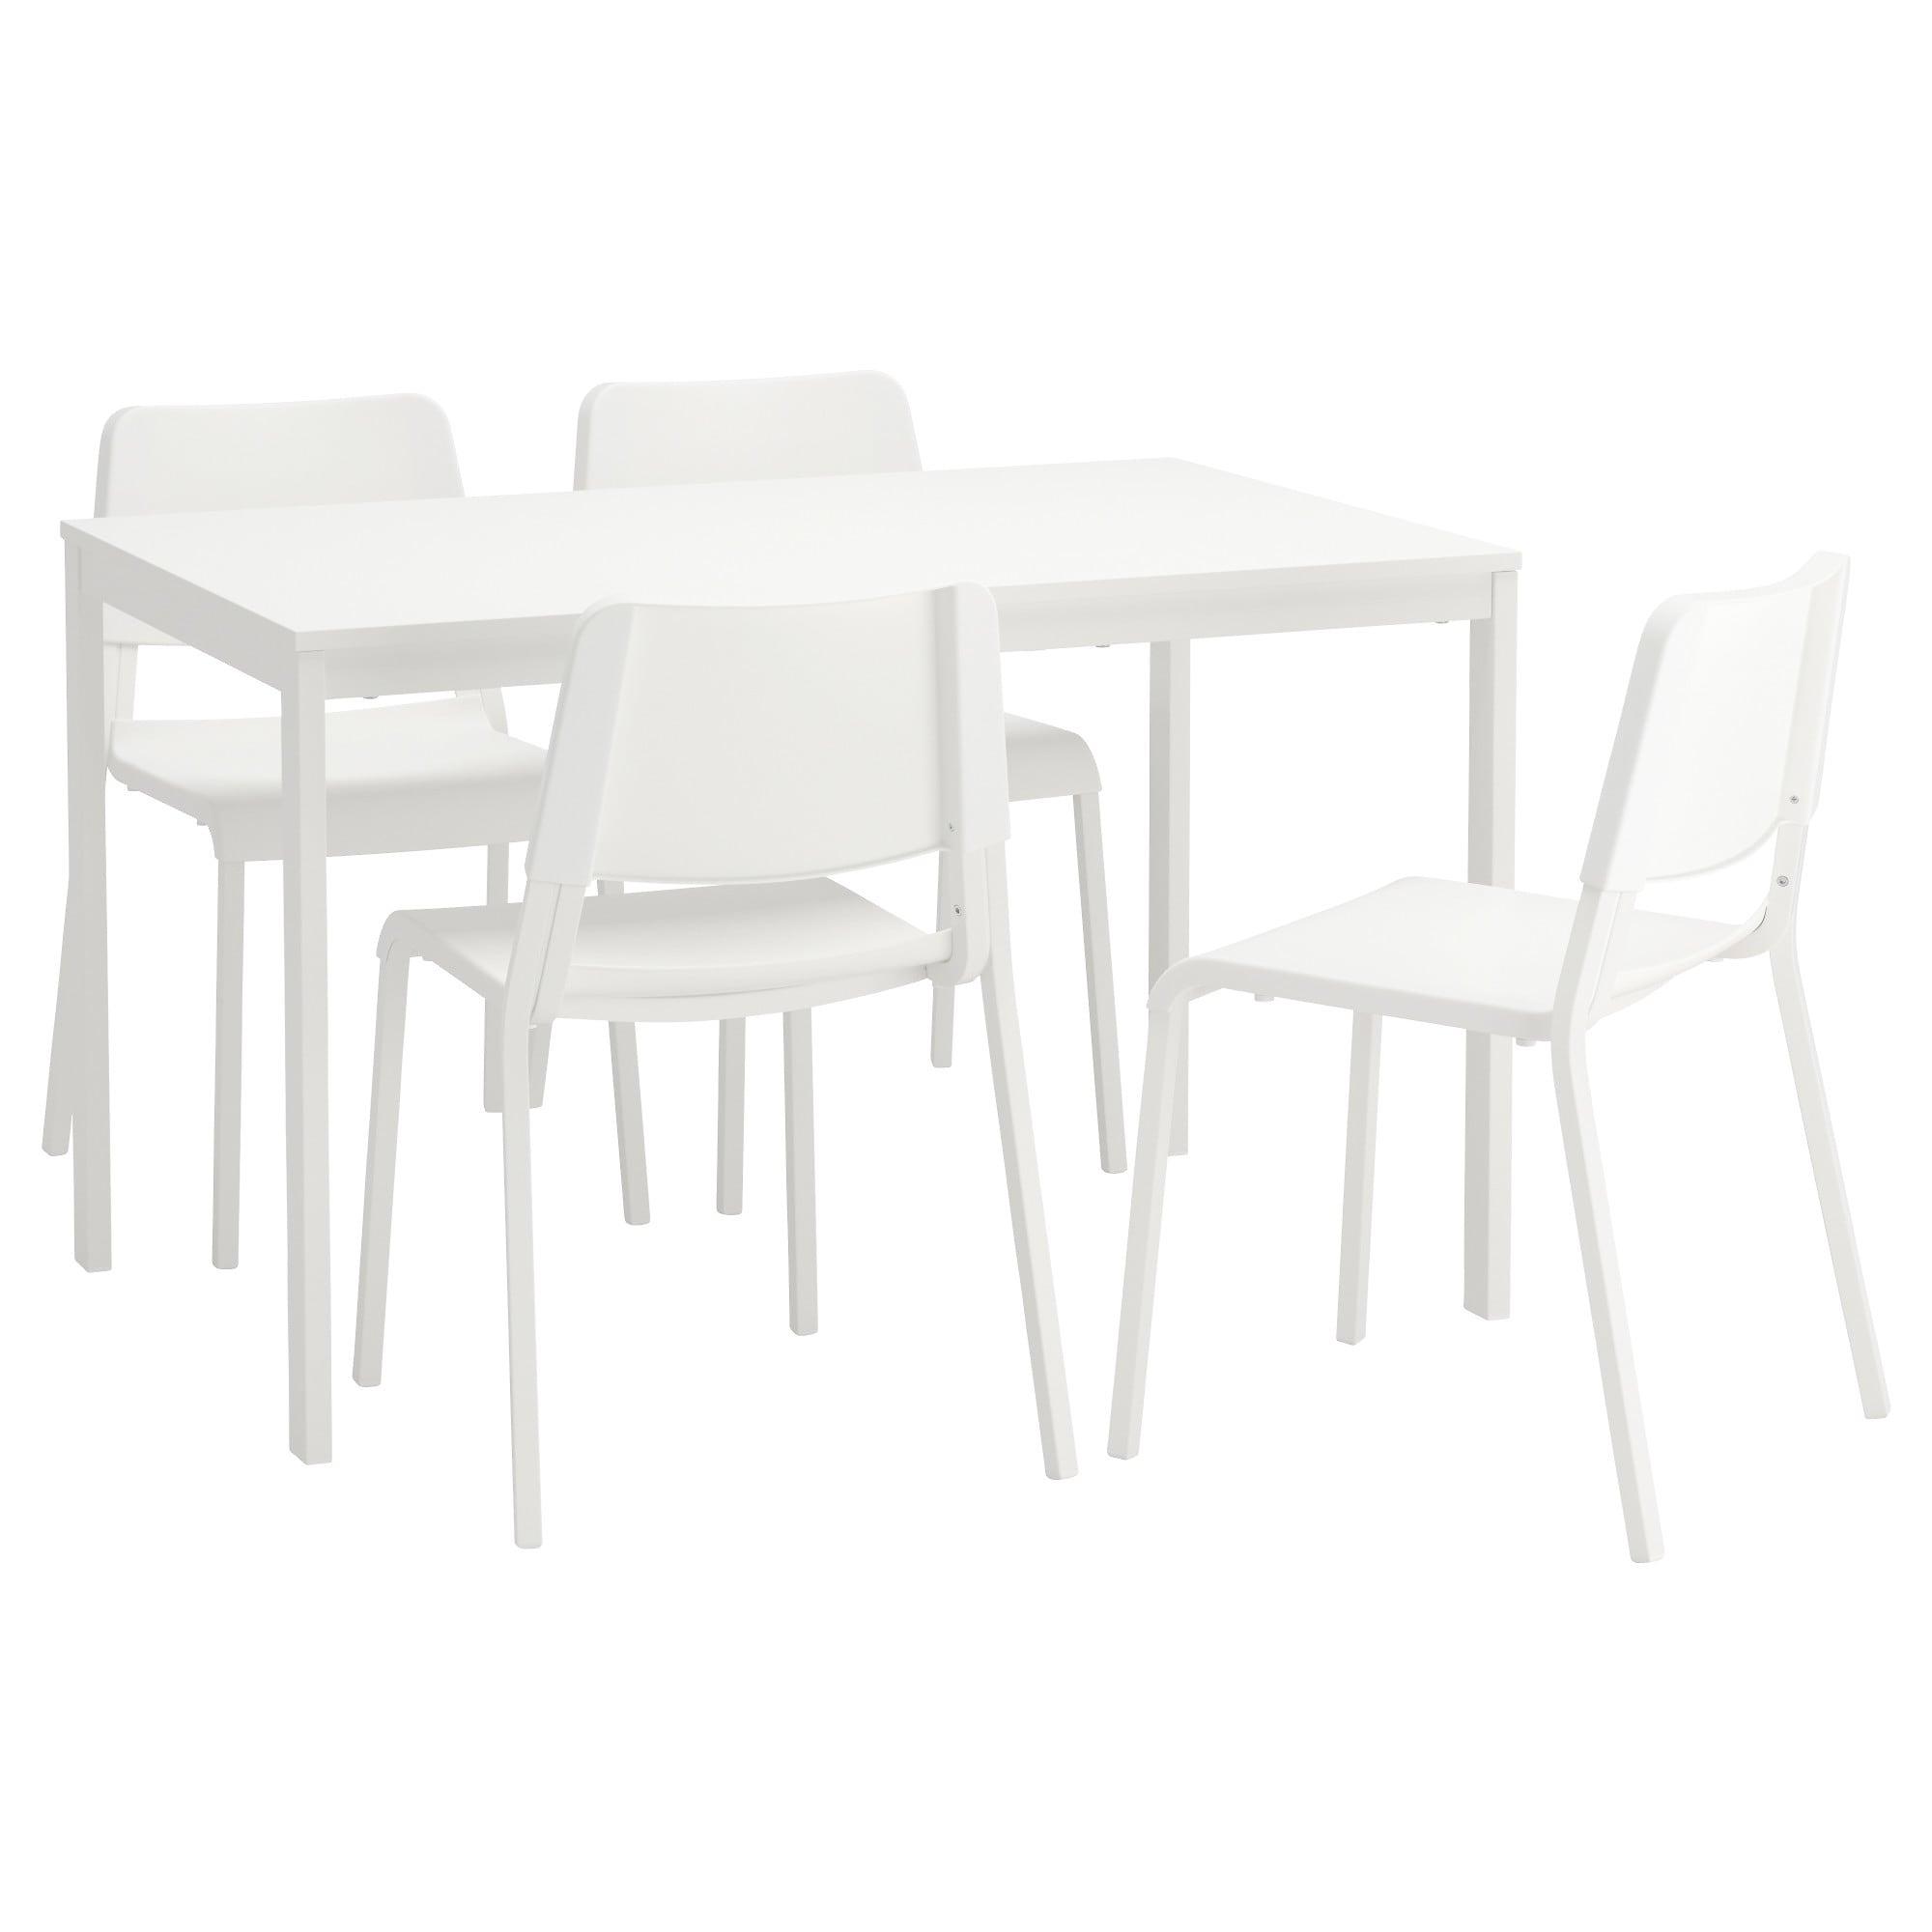 Fmdf Cocina De Y Ikea Mesas Sillas Mesa 34AR5jL